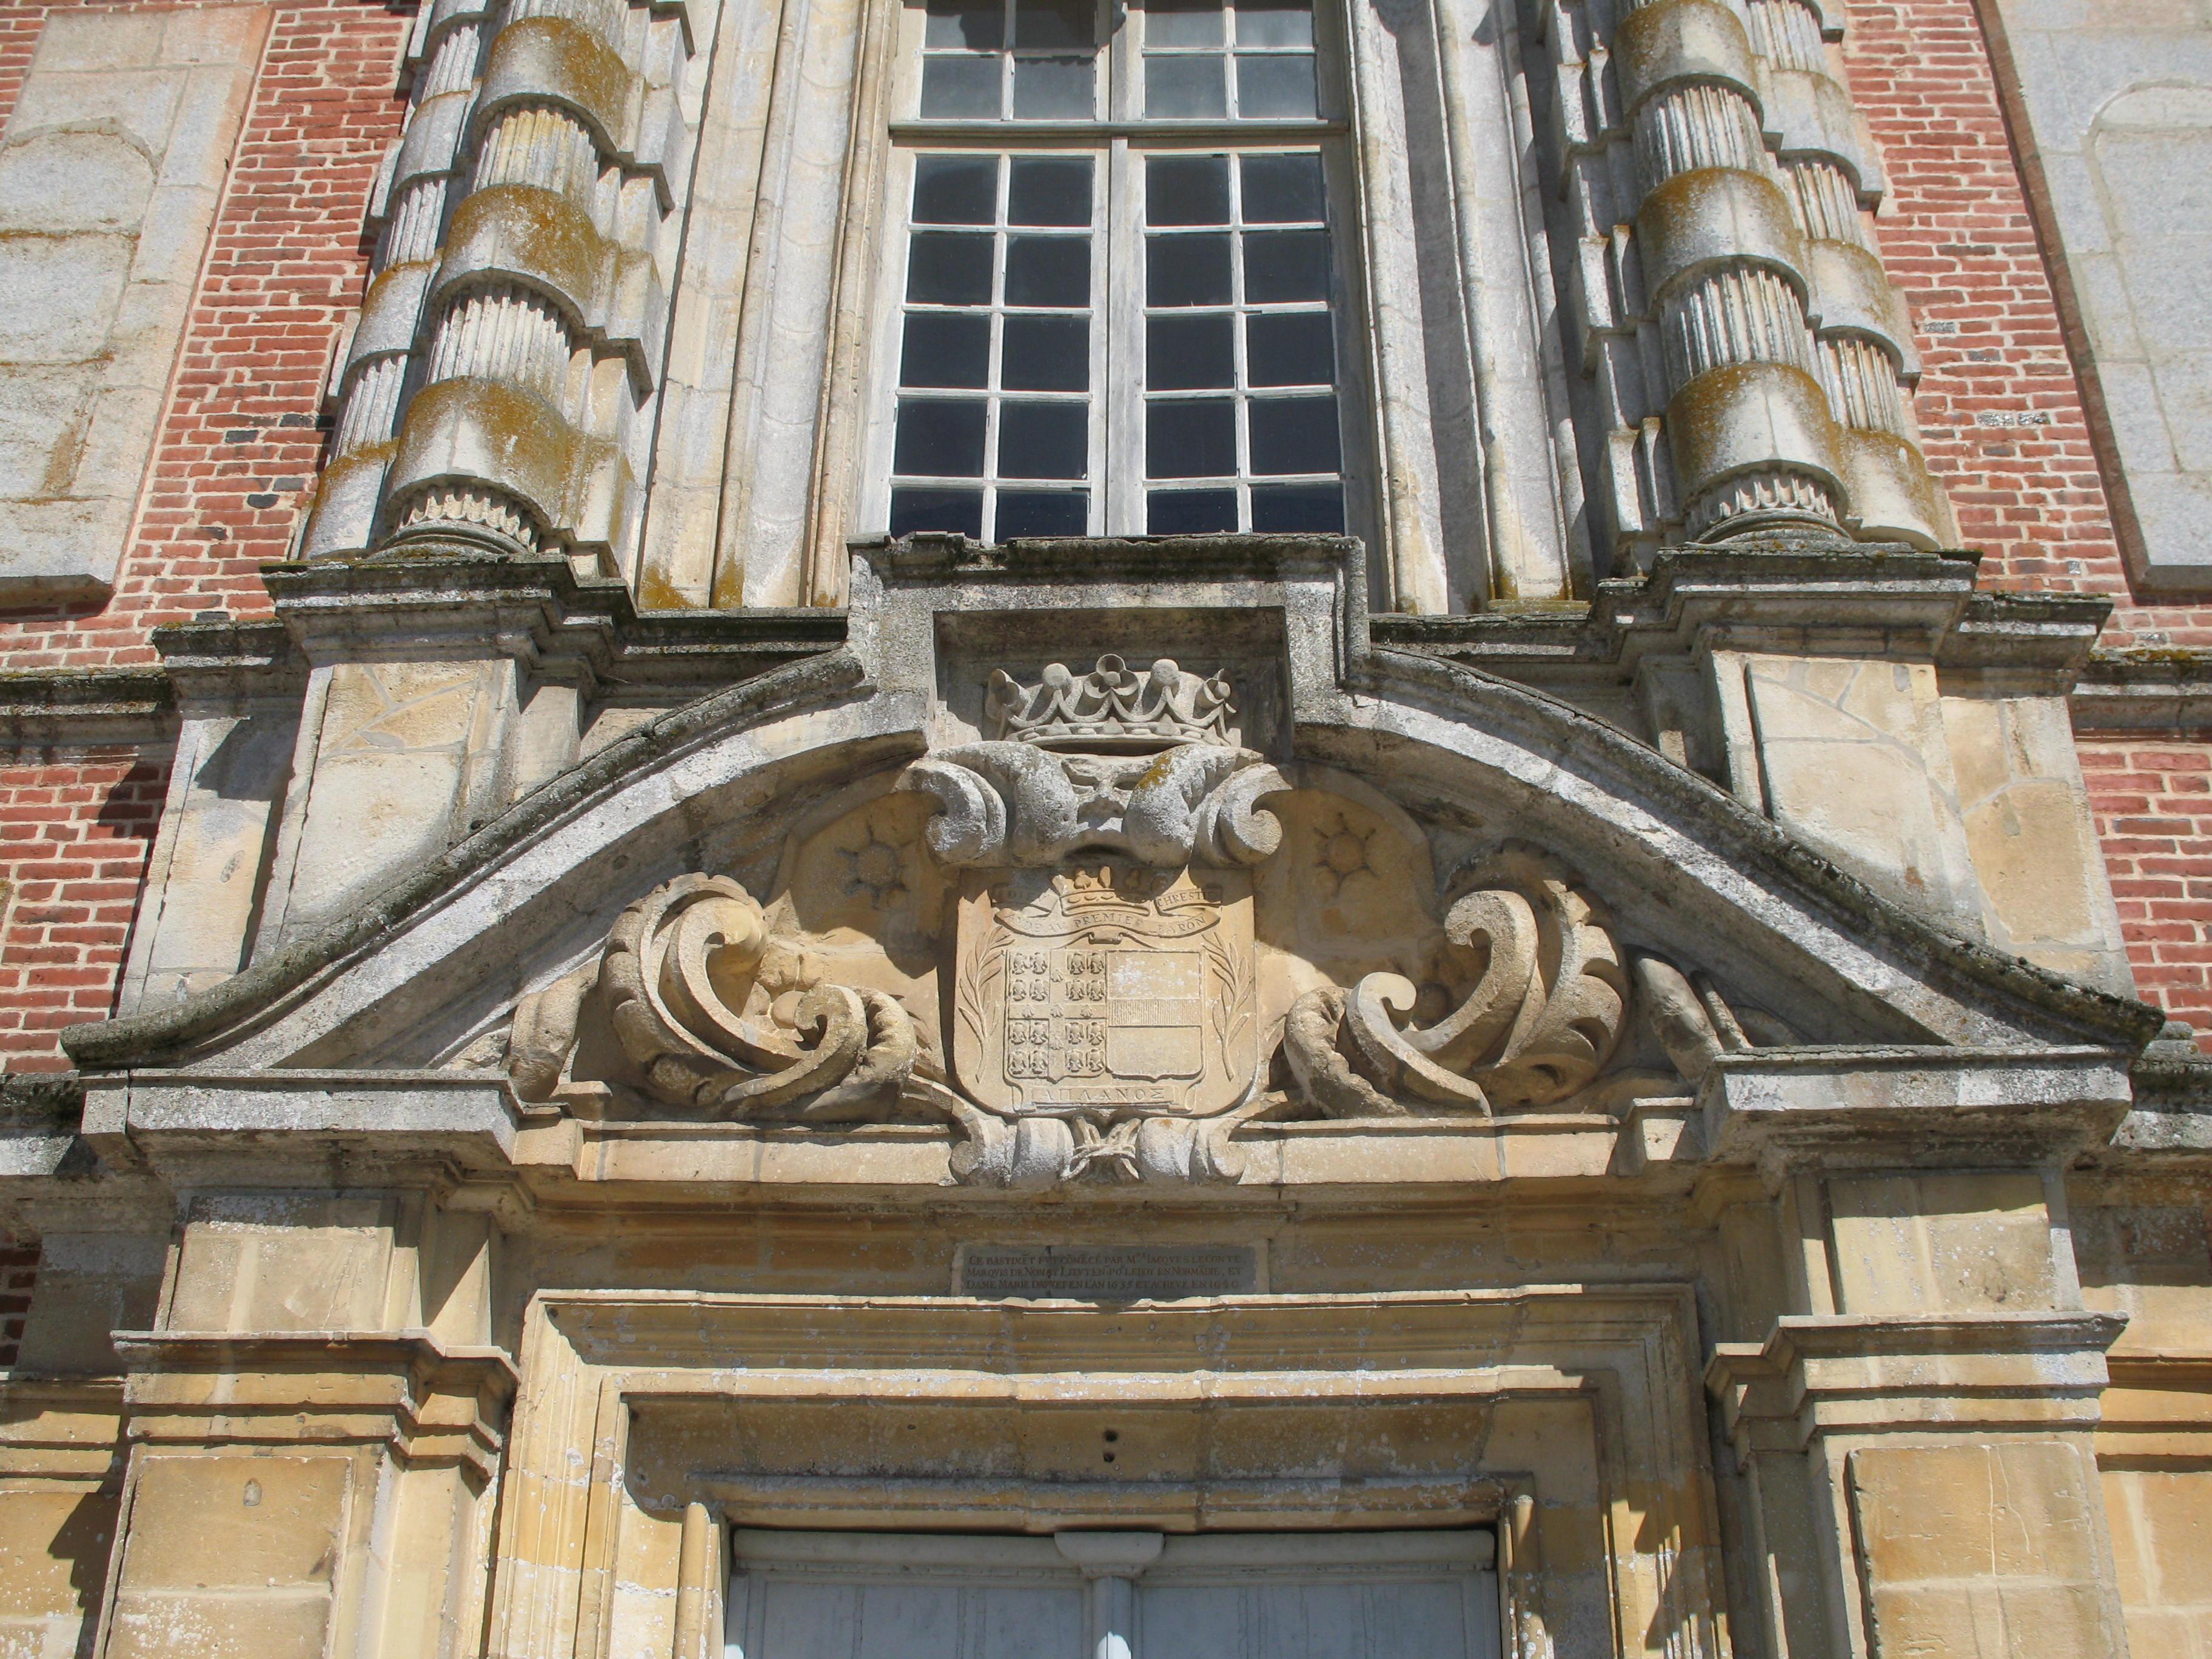 Wappen über der Eingangstür, Foto von PHILDIC, Lizenz: public domain/gemeinfrei